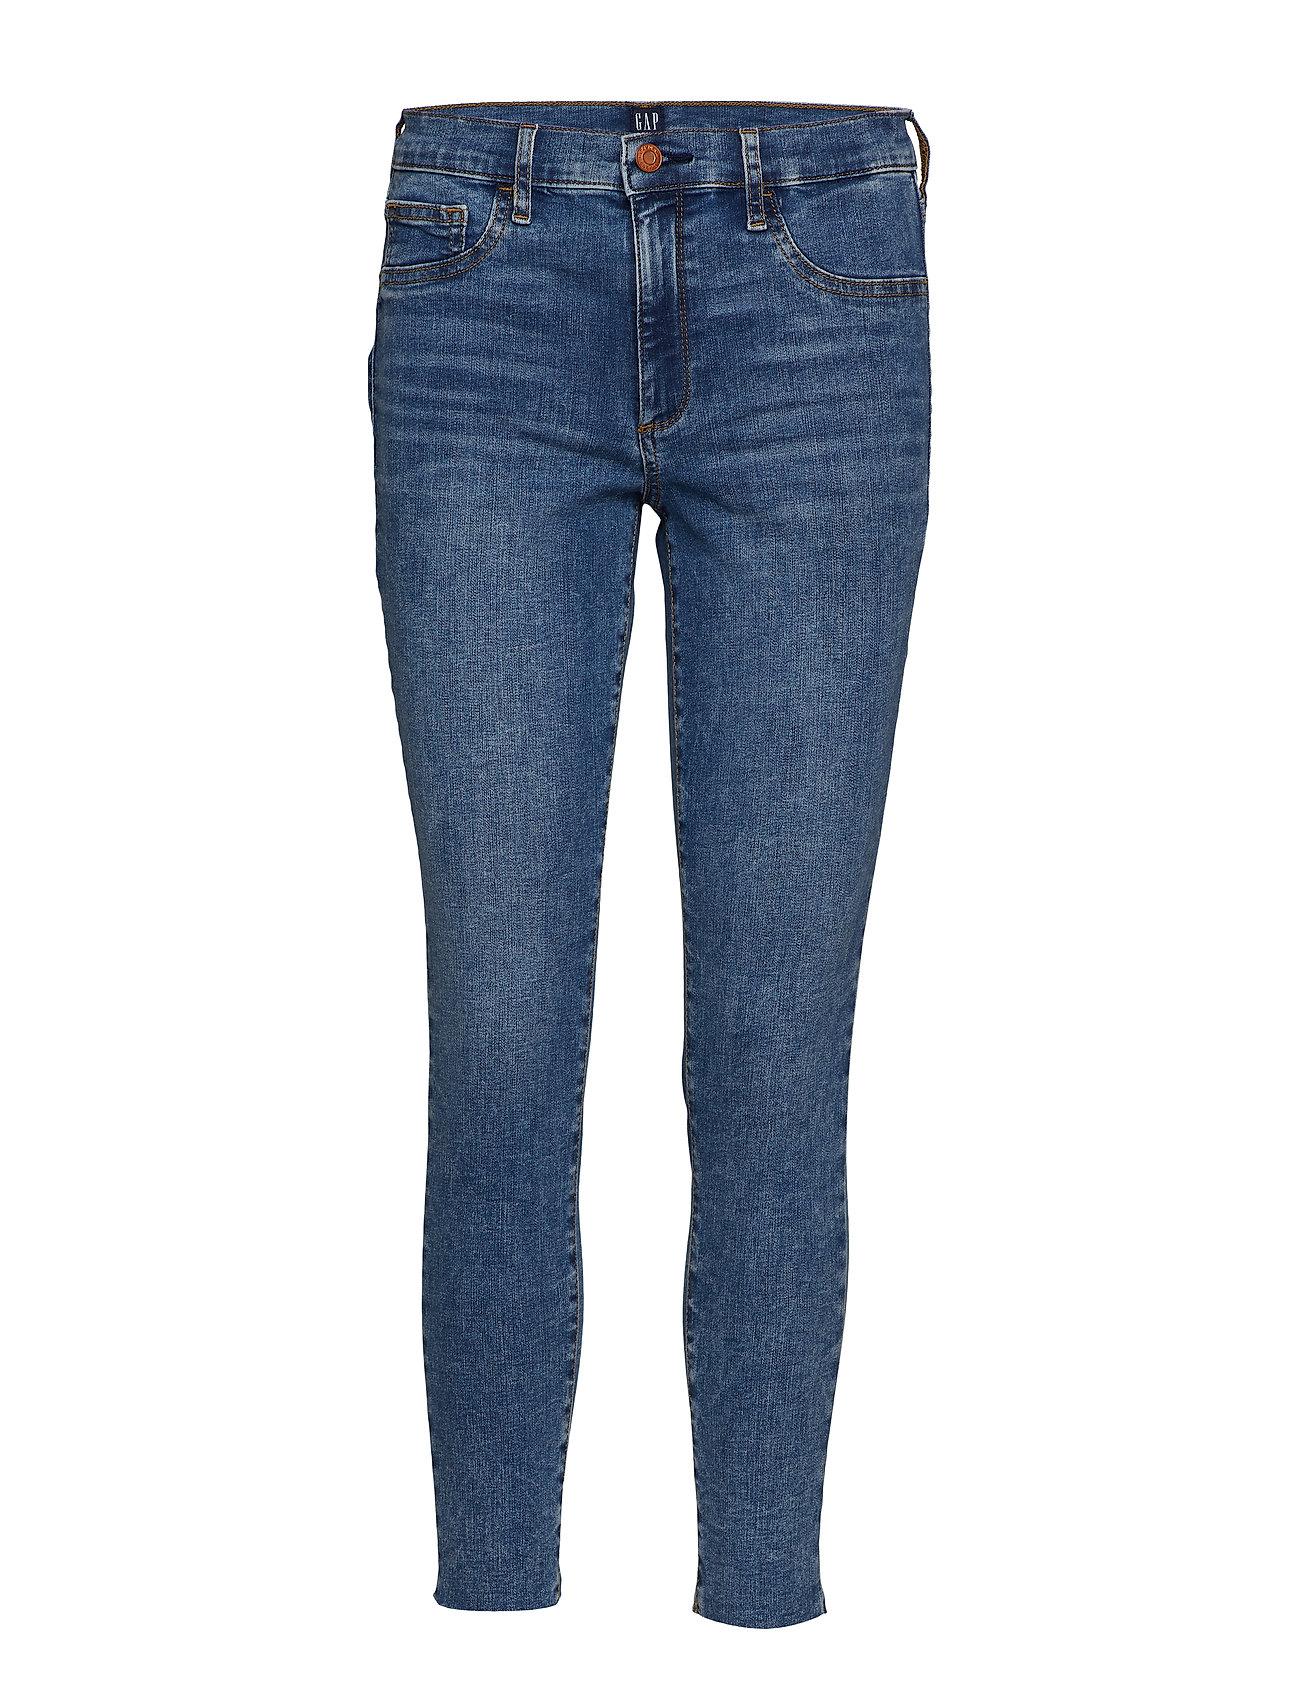 GAP FAV JEGGING MED CLEARWATER RH Jeans